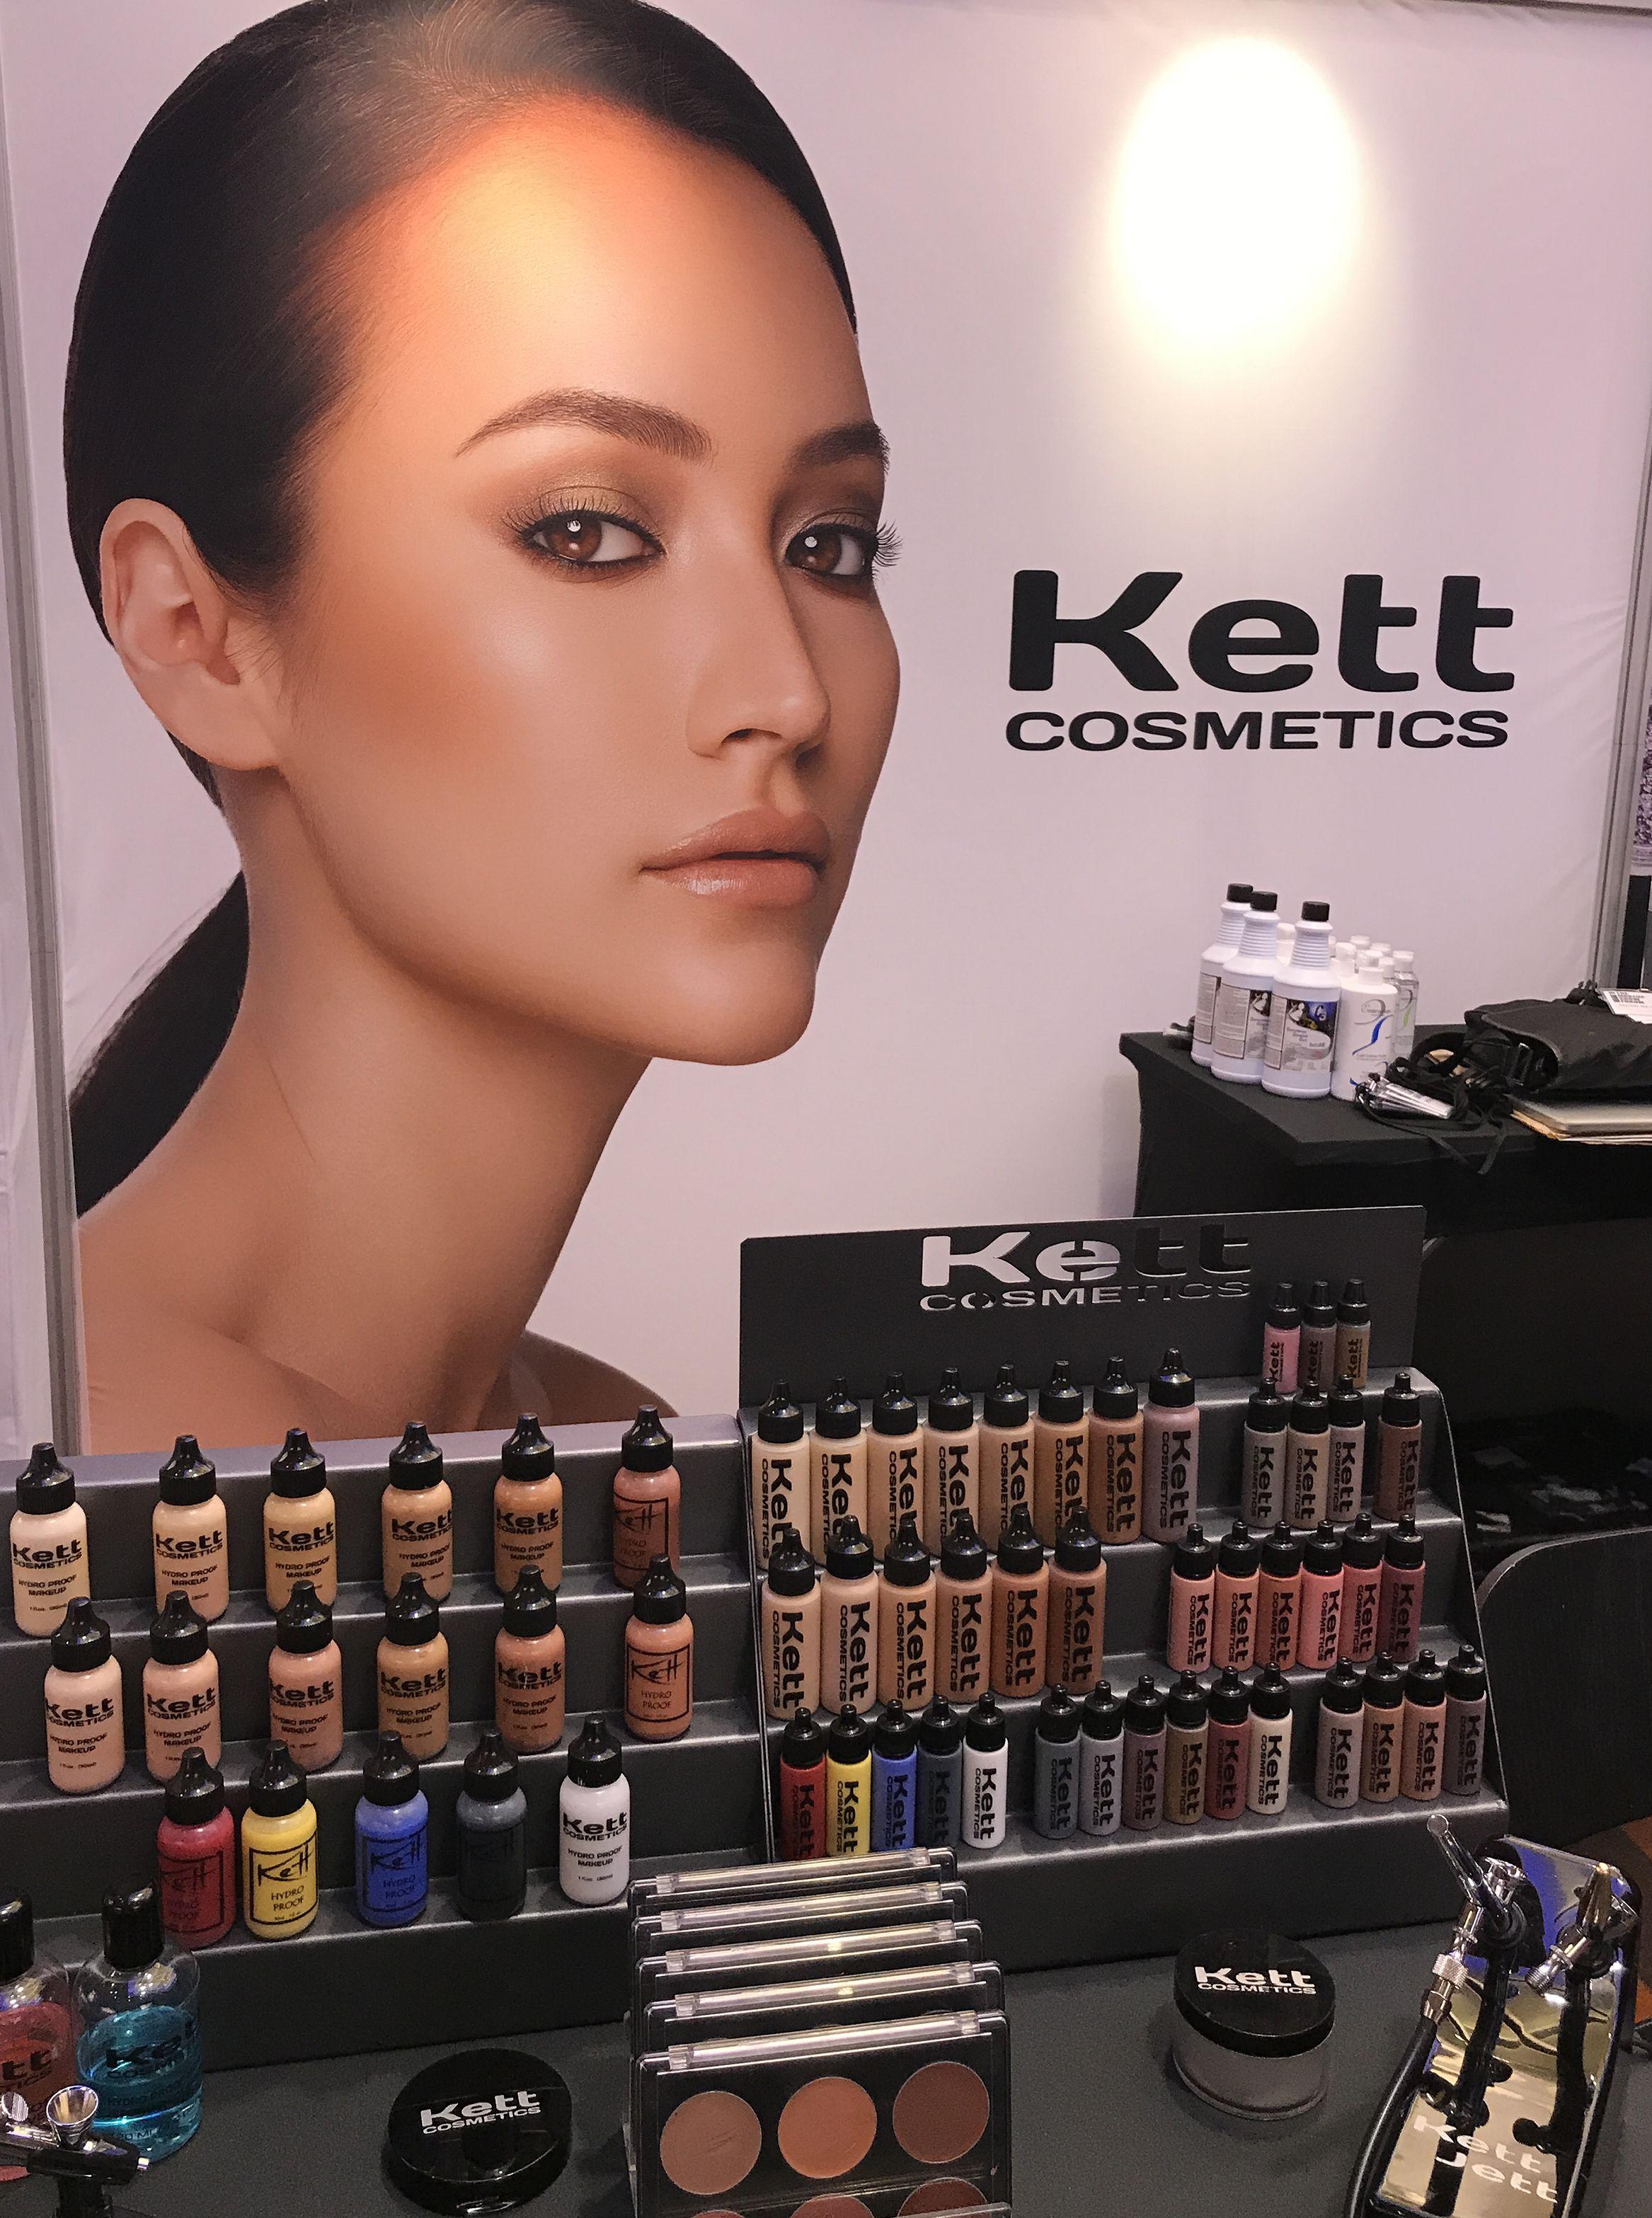 Kett Booth Airbrush makeup kit, Vegan makeup, Makeup